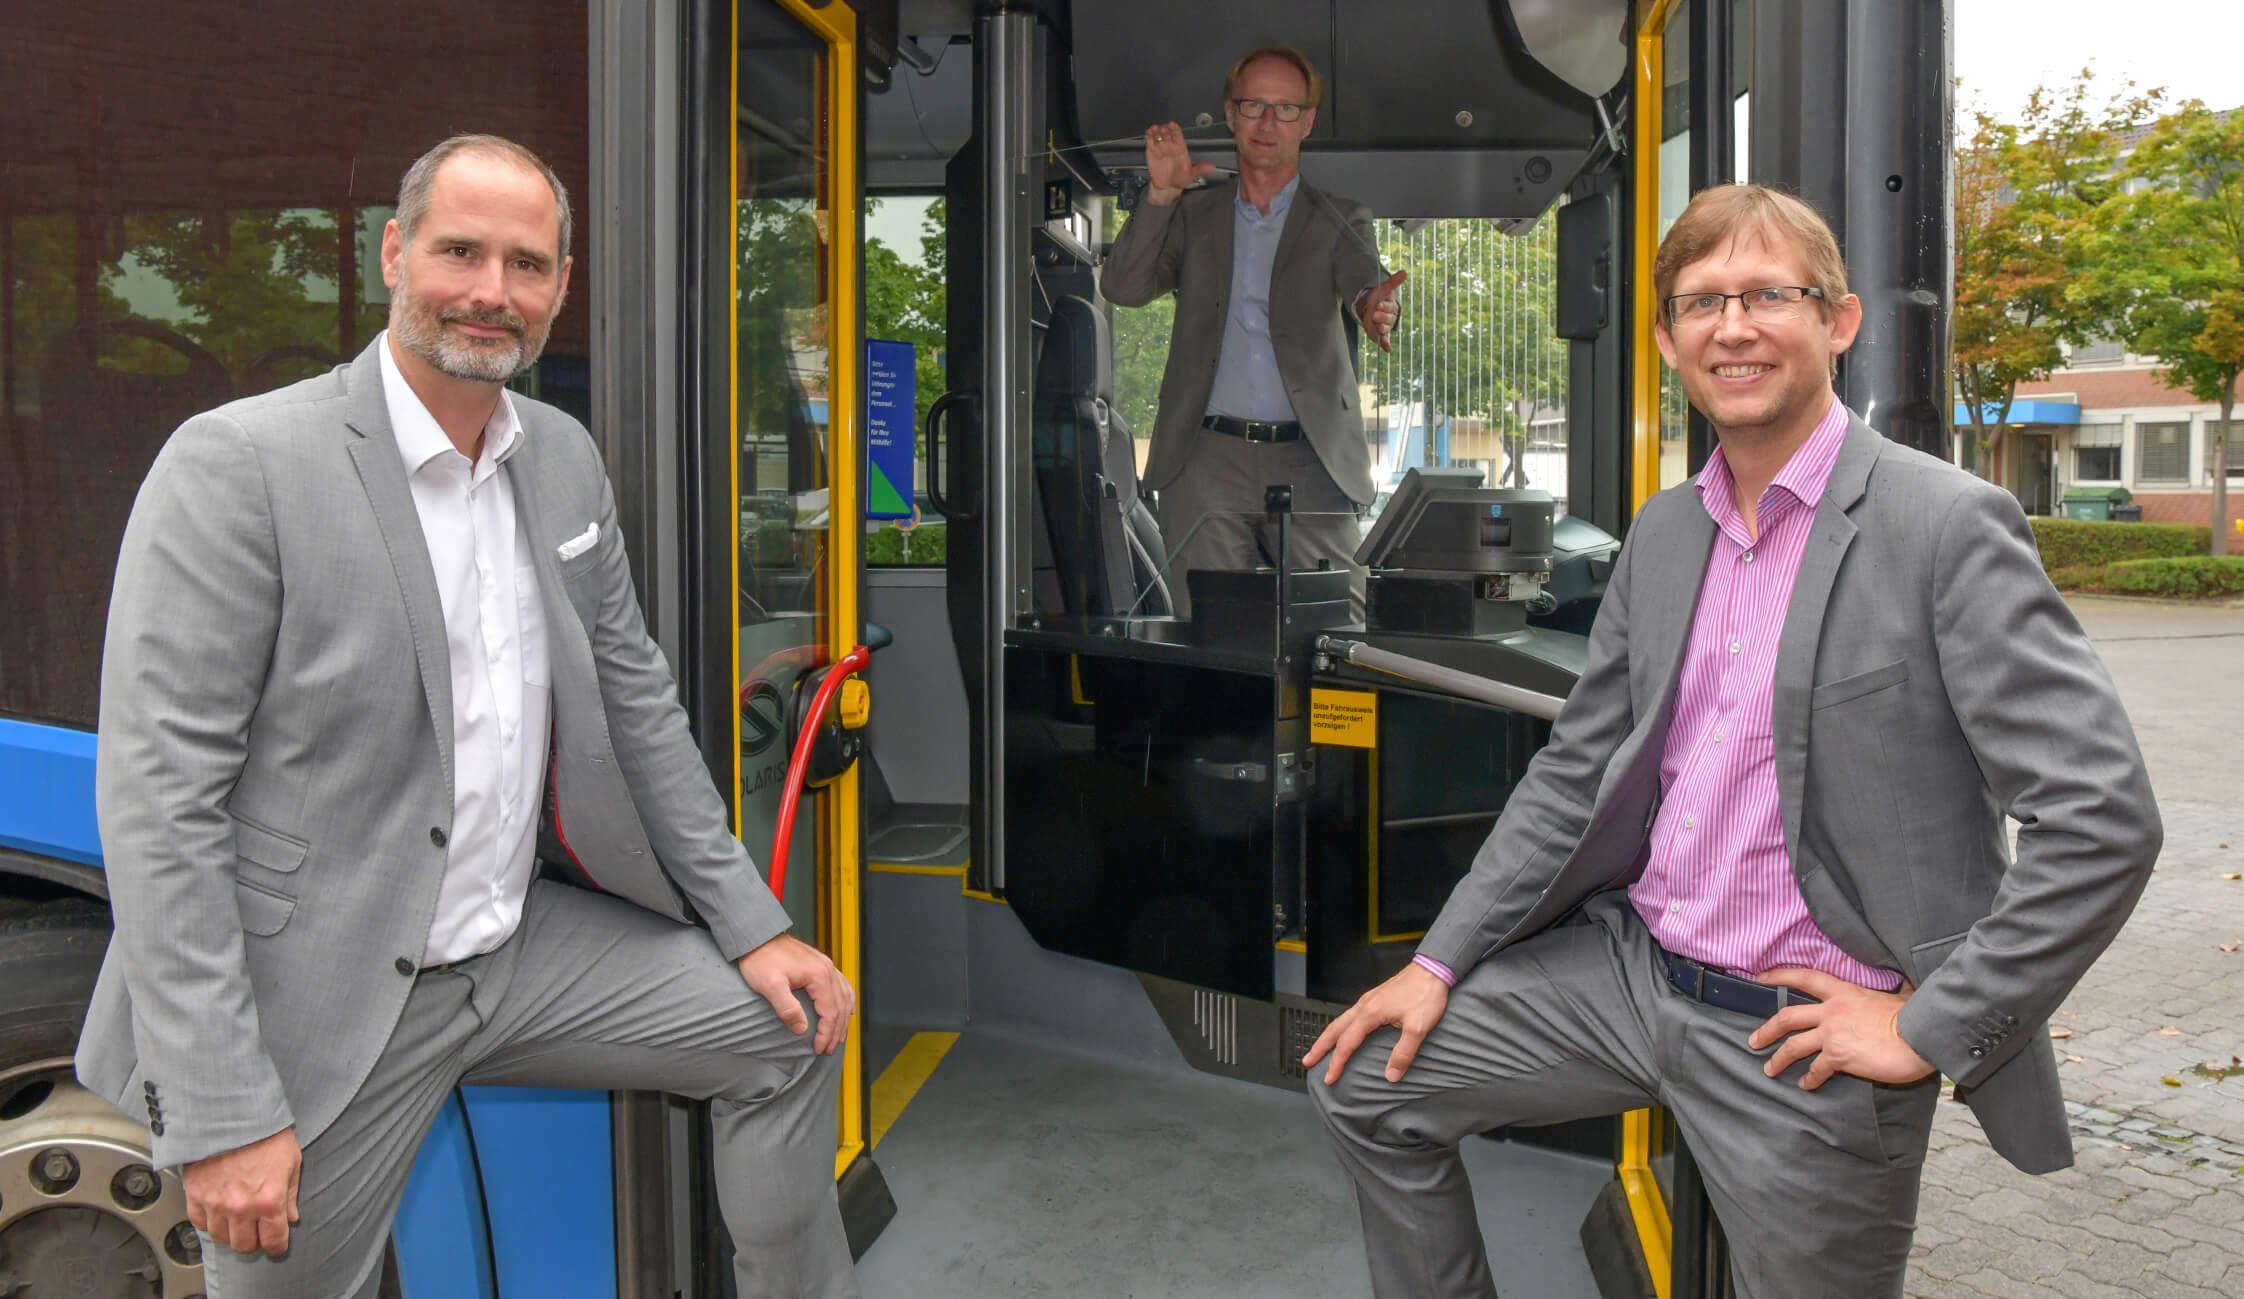 KVG und Hübner stellen Trennscheiben für Busfahrer vor